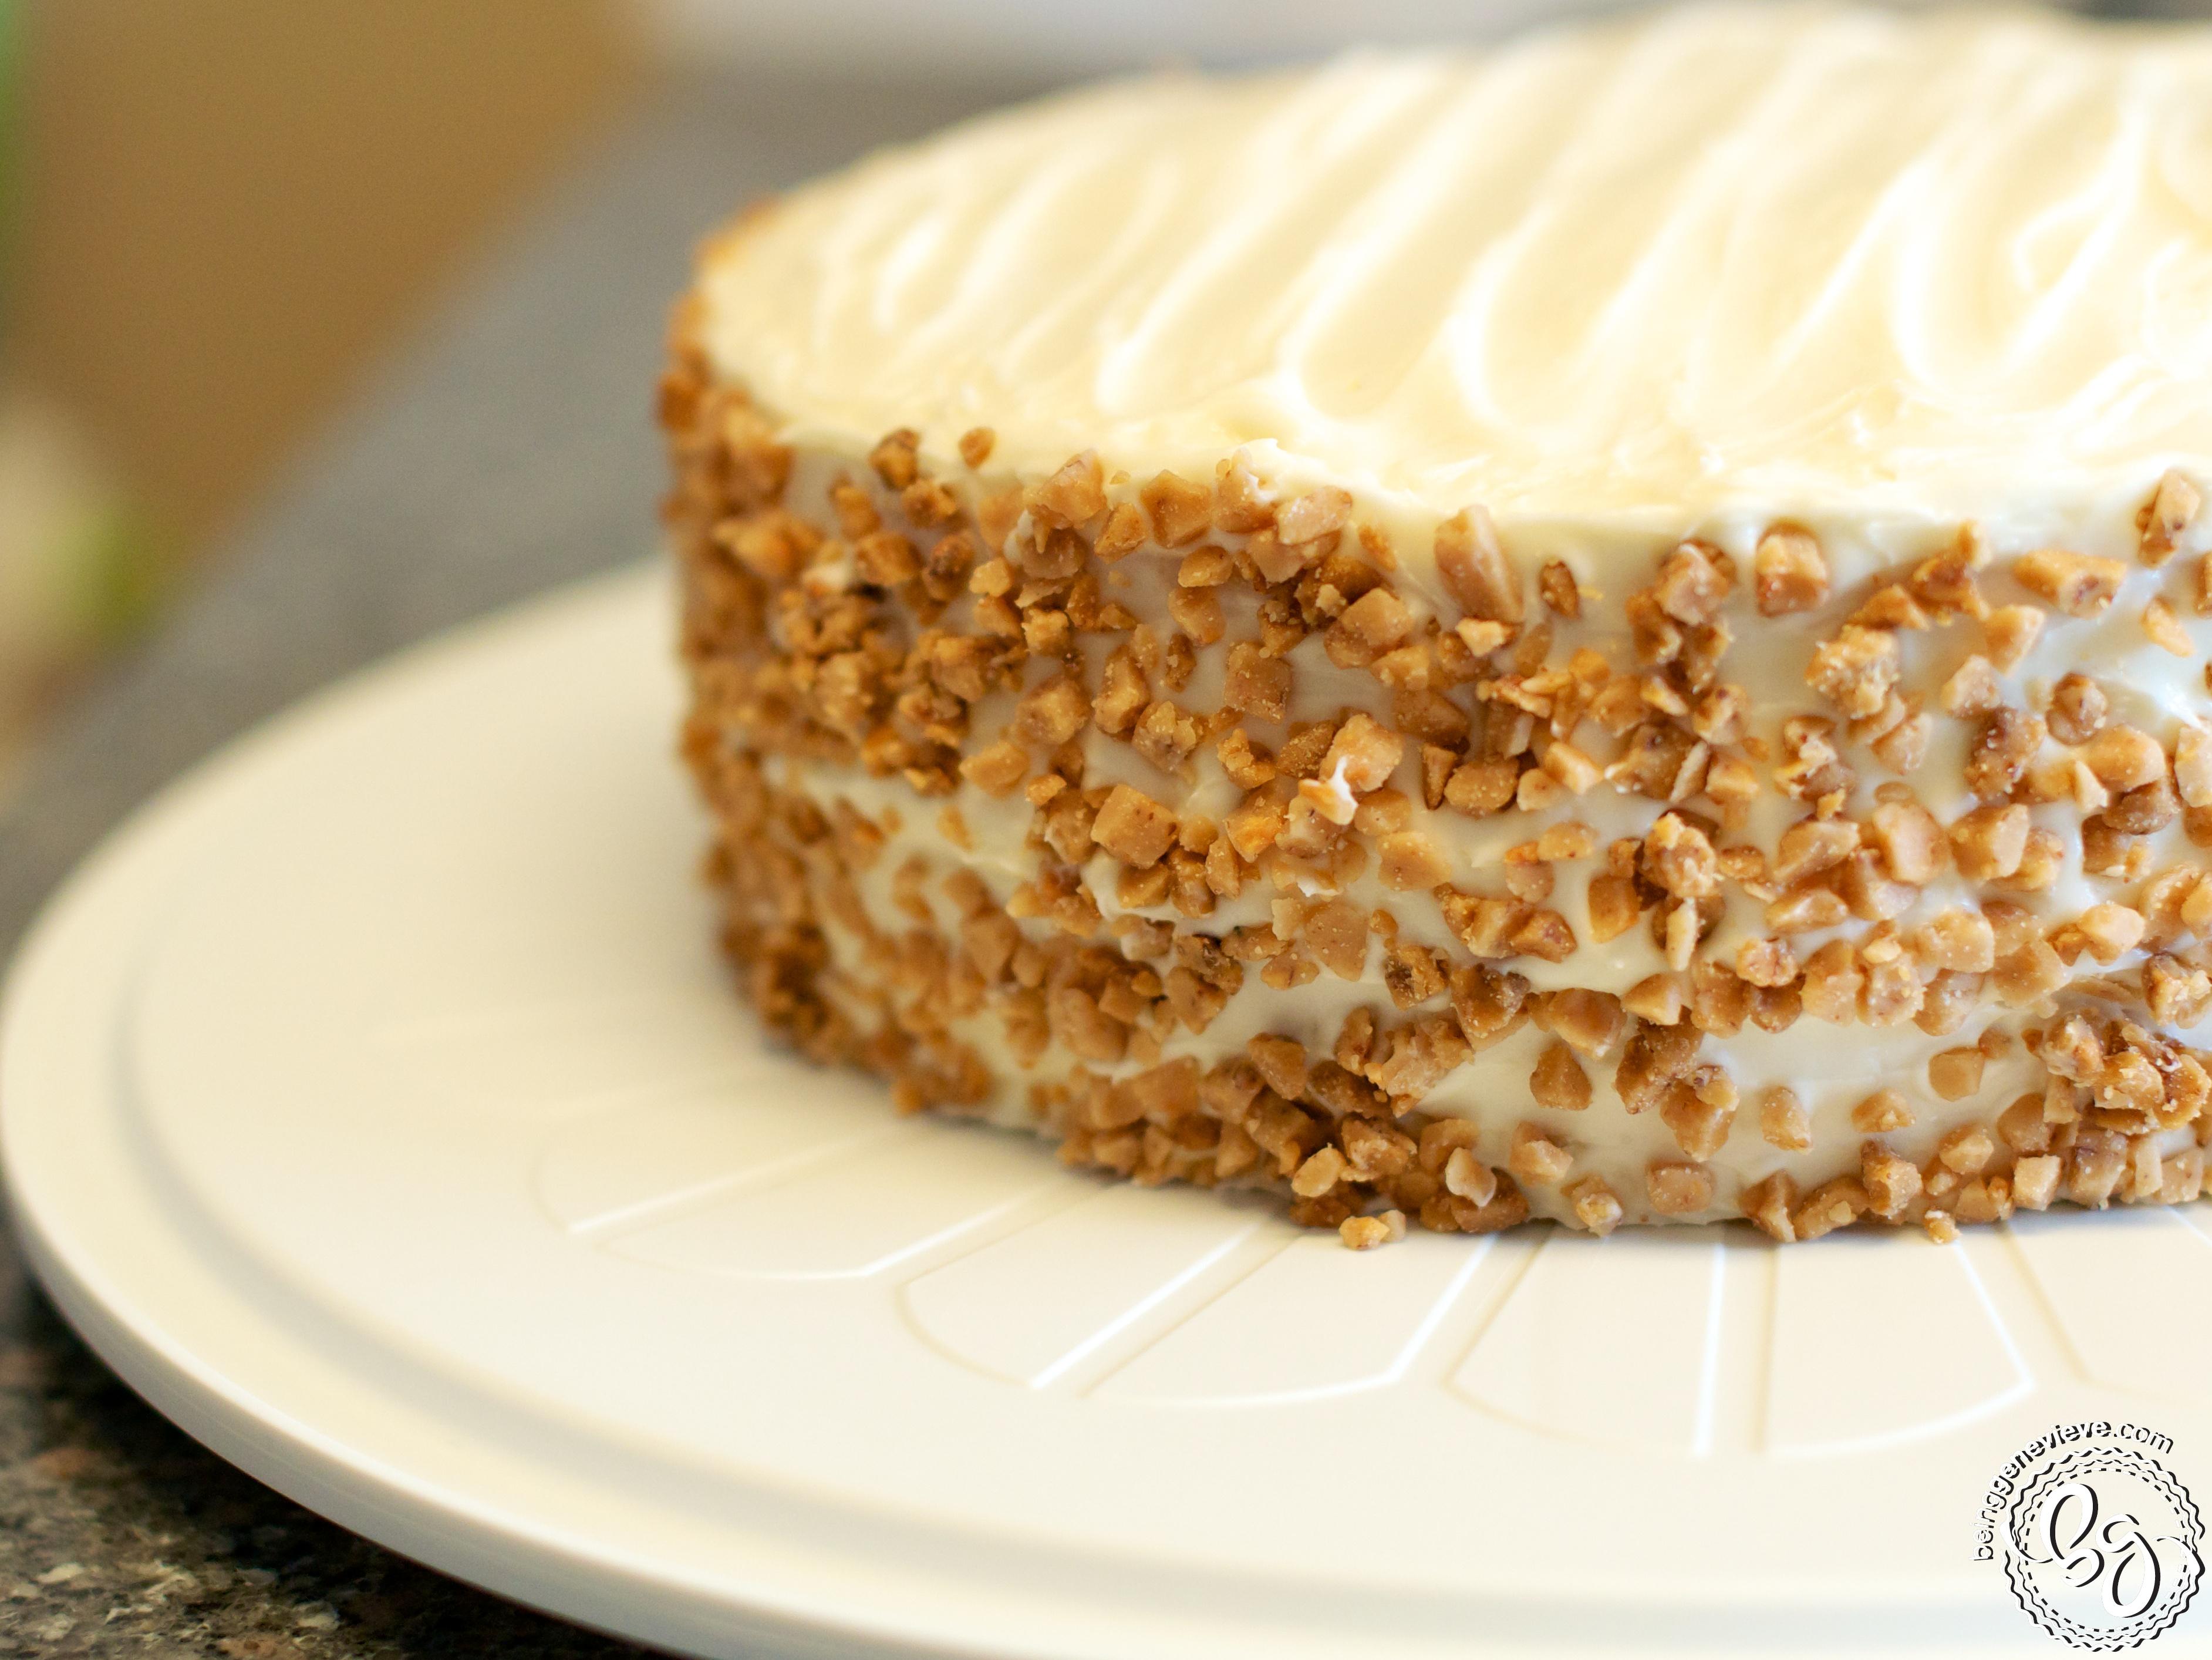 King Arthur Elegant White Cake